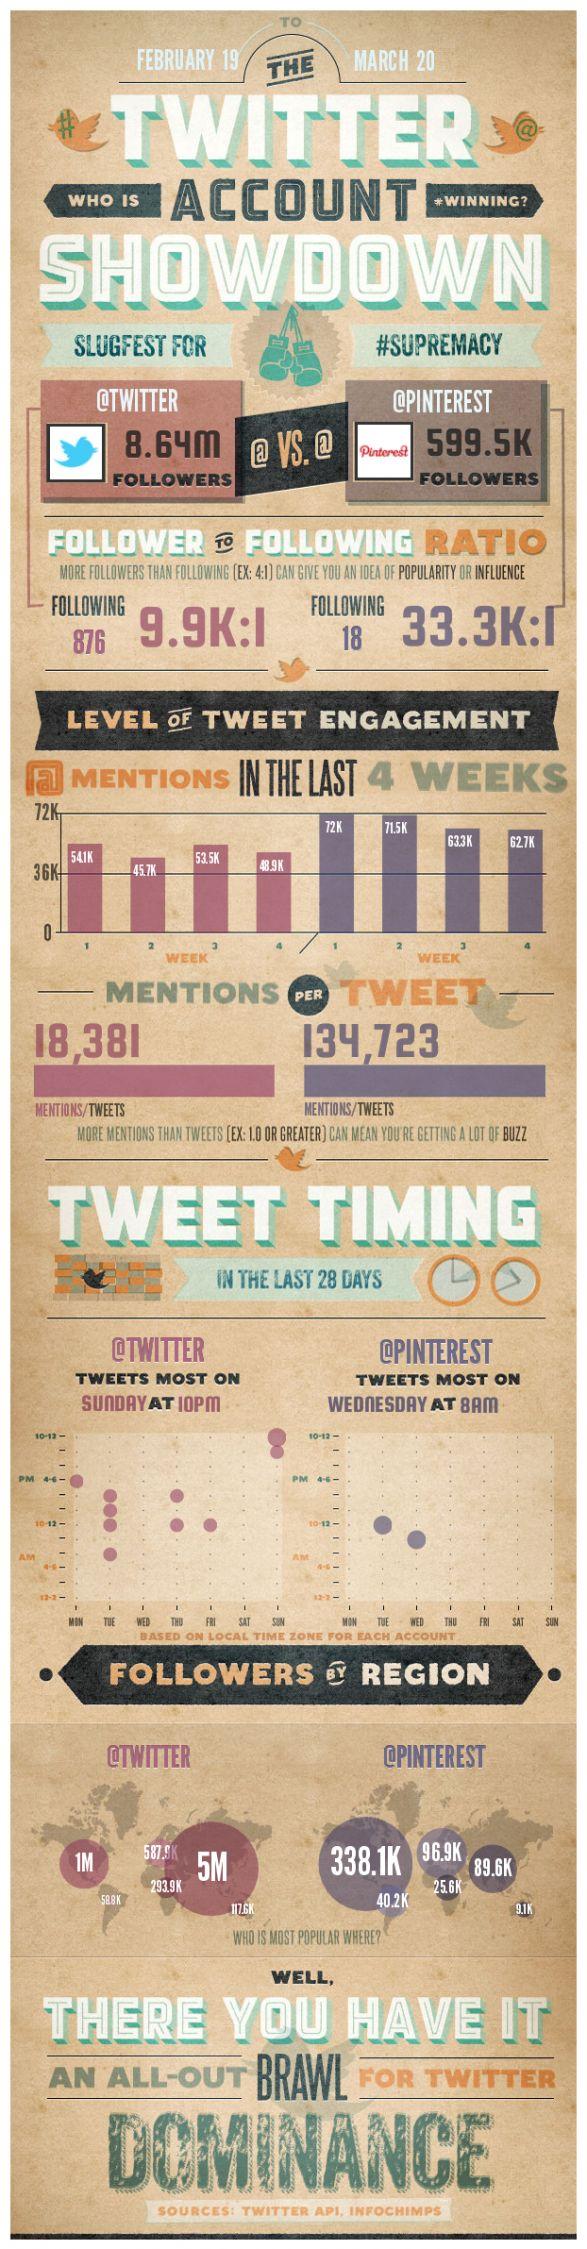 Twitter Vs Pinterest - Infogra